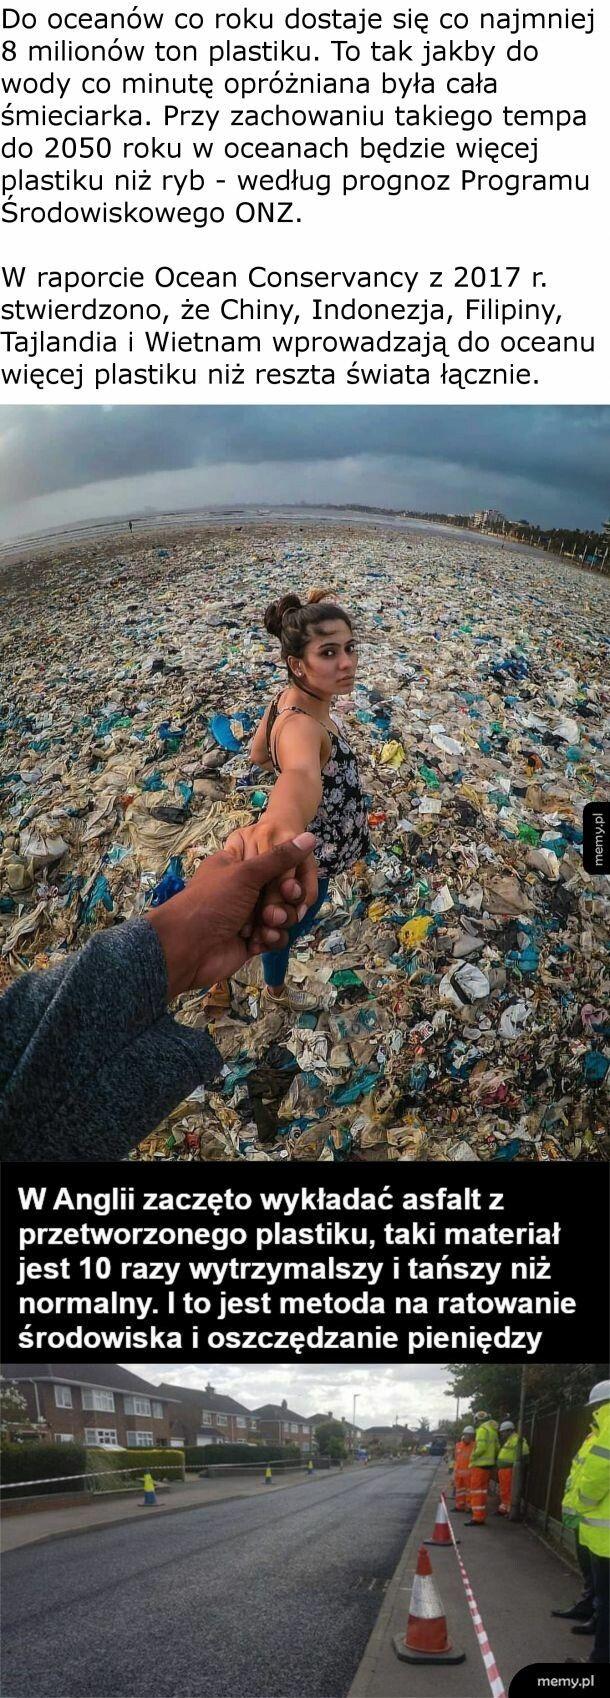 Tak właśnie wygląda recycling